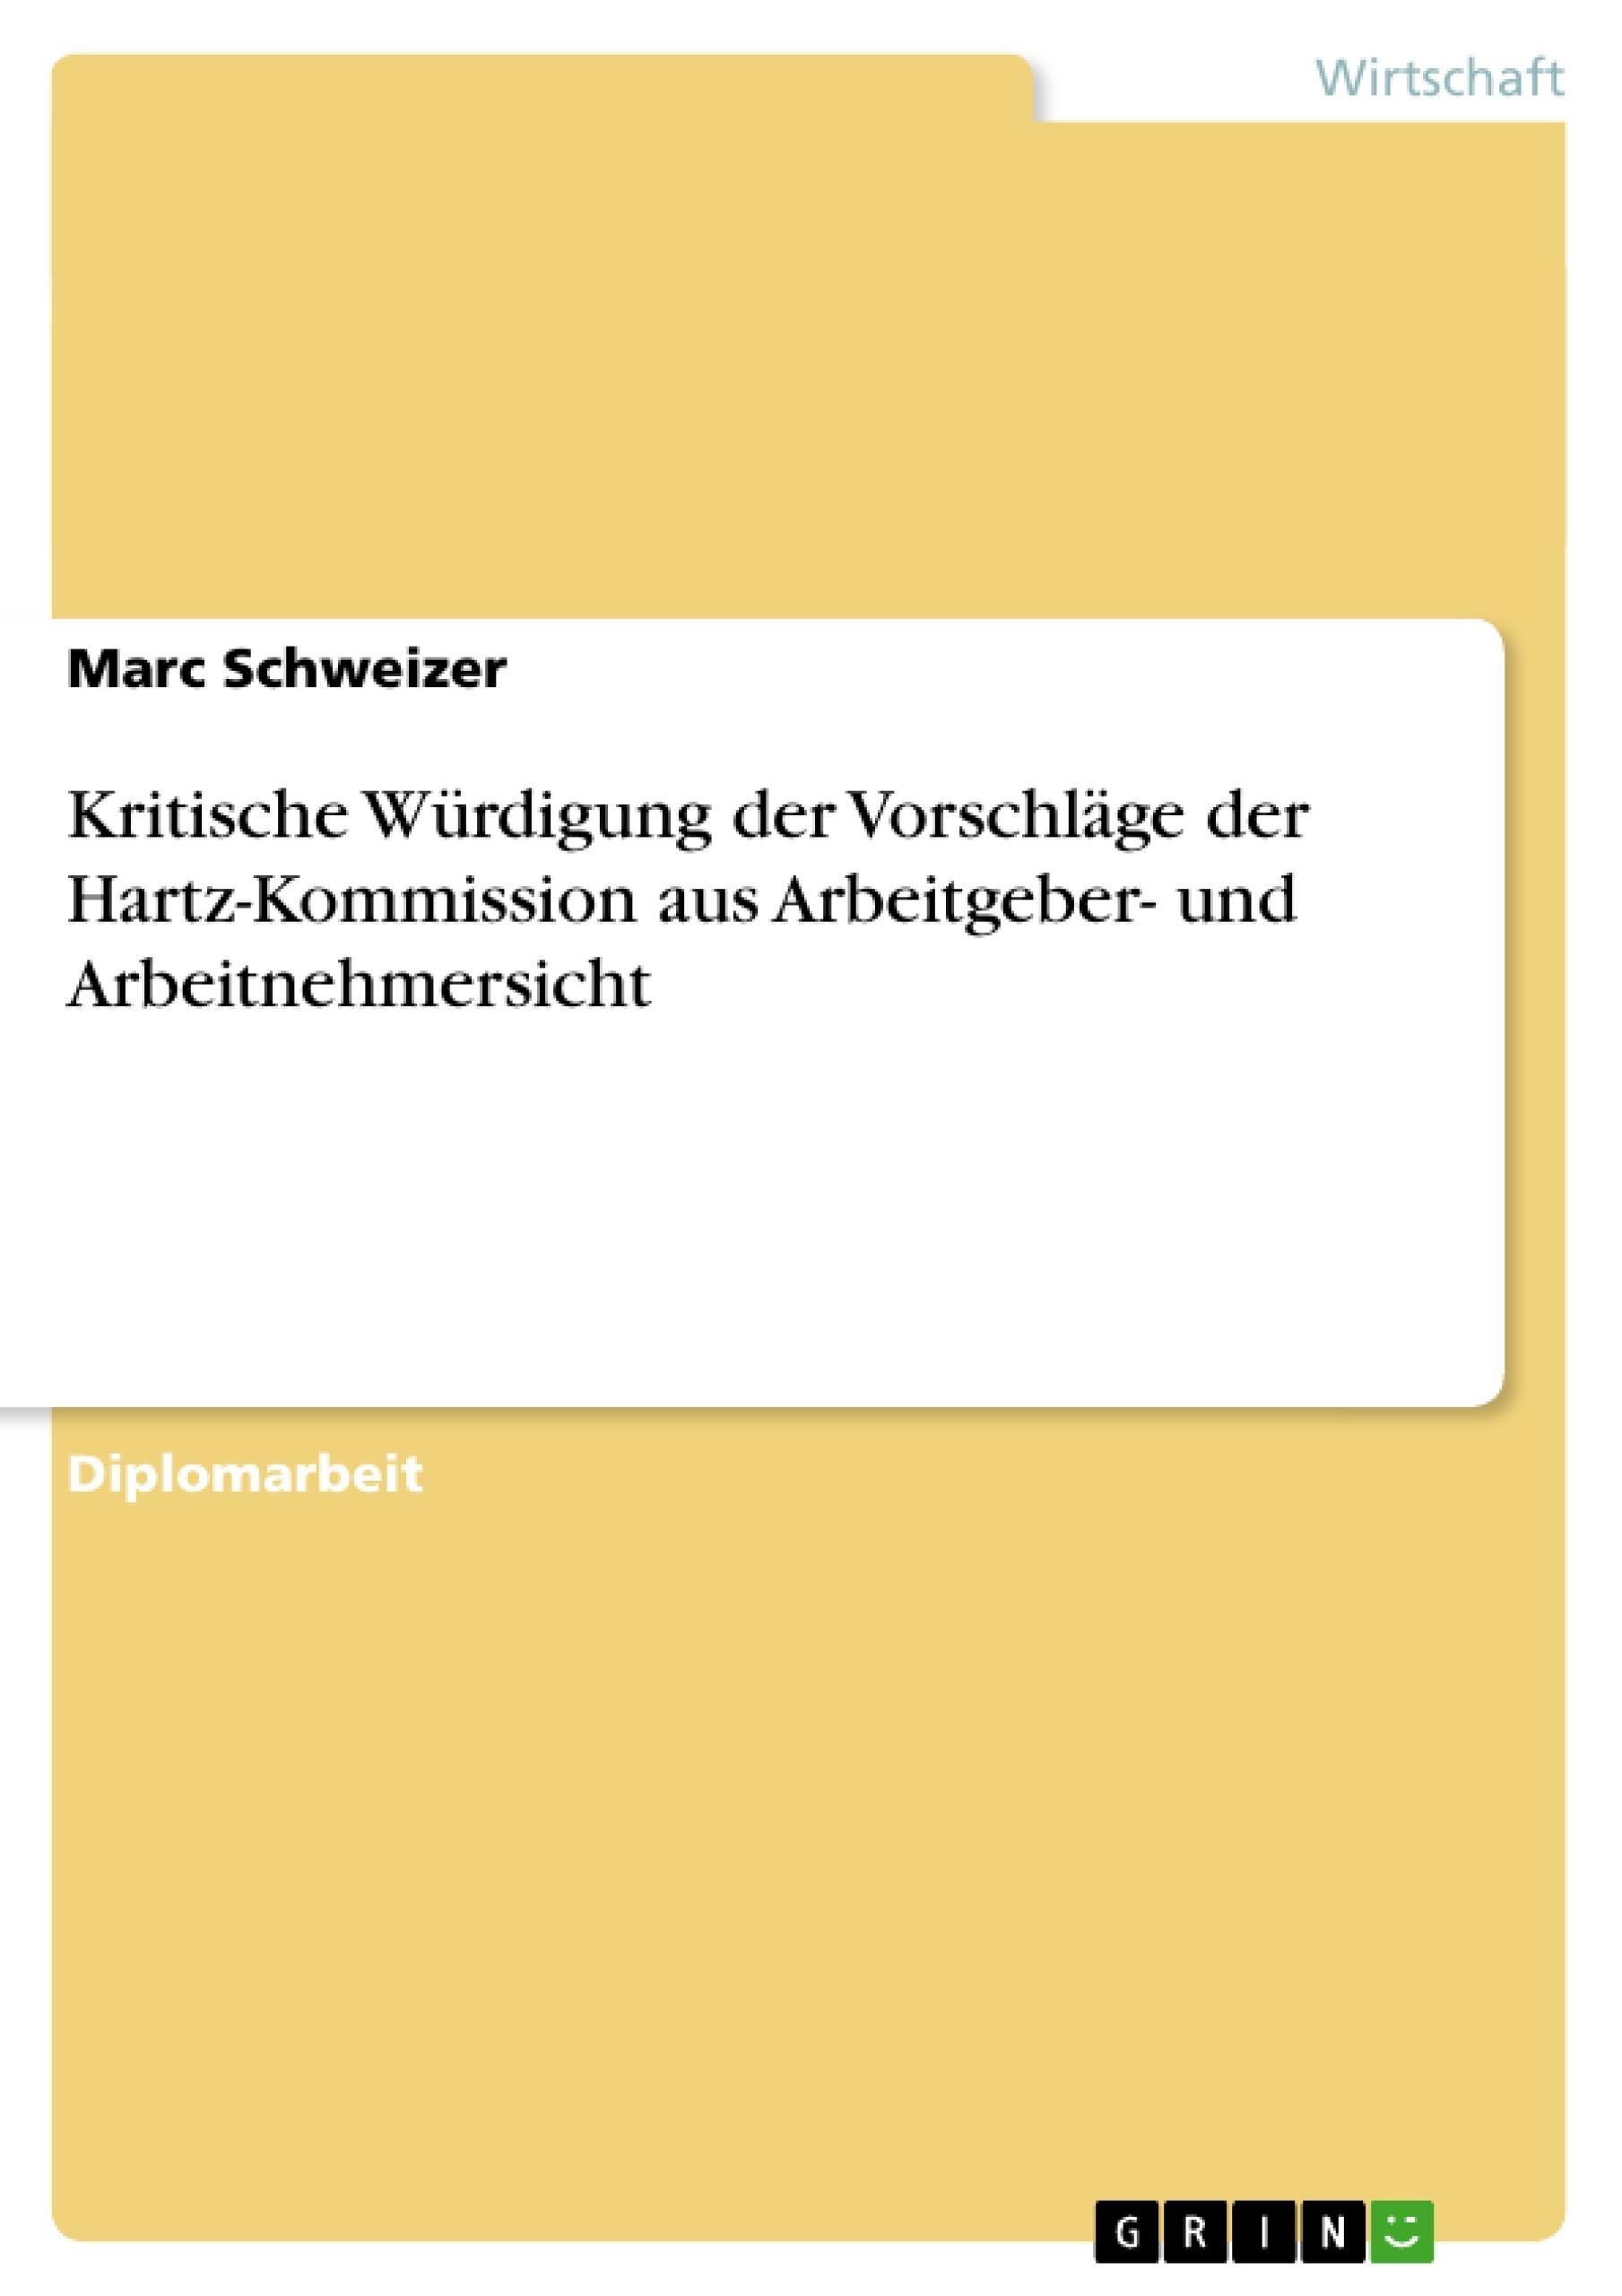 Titel: Kritische Würdigung der Vorschläge der Hartz-Kommission aus Arbeitgeber- und Arbeitnehmersicht